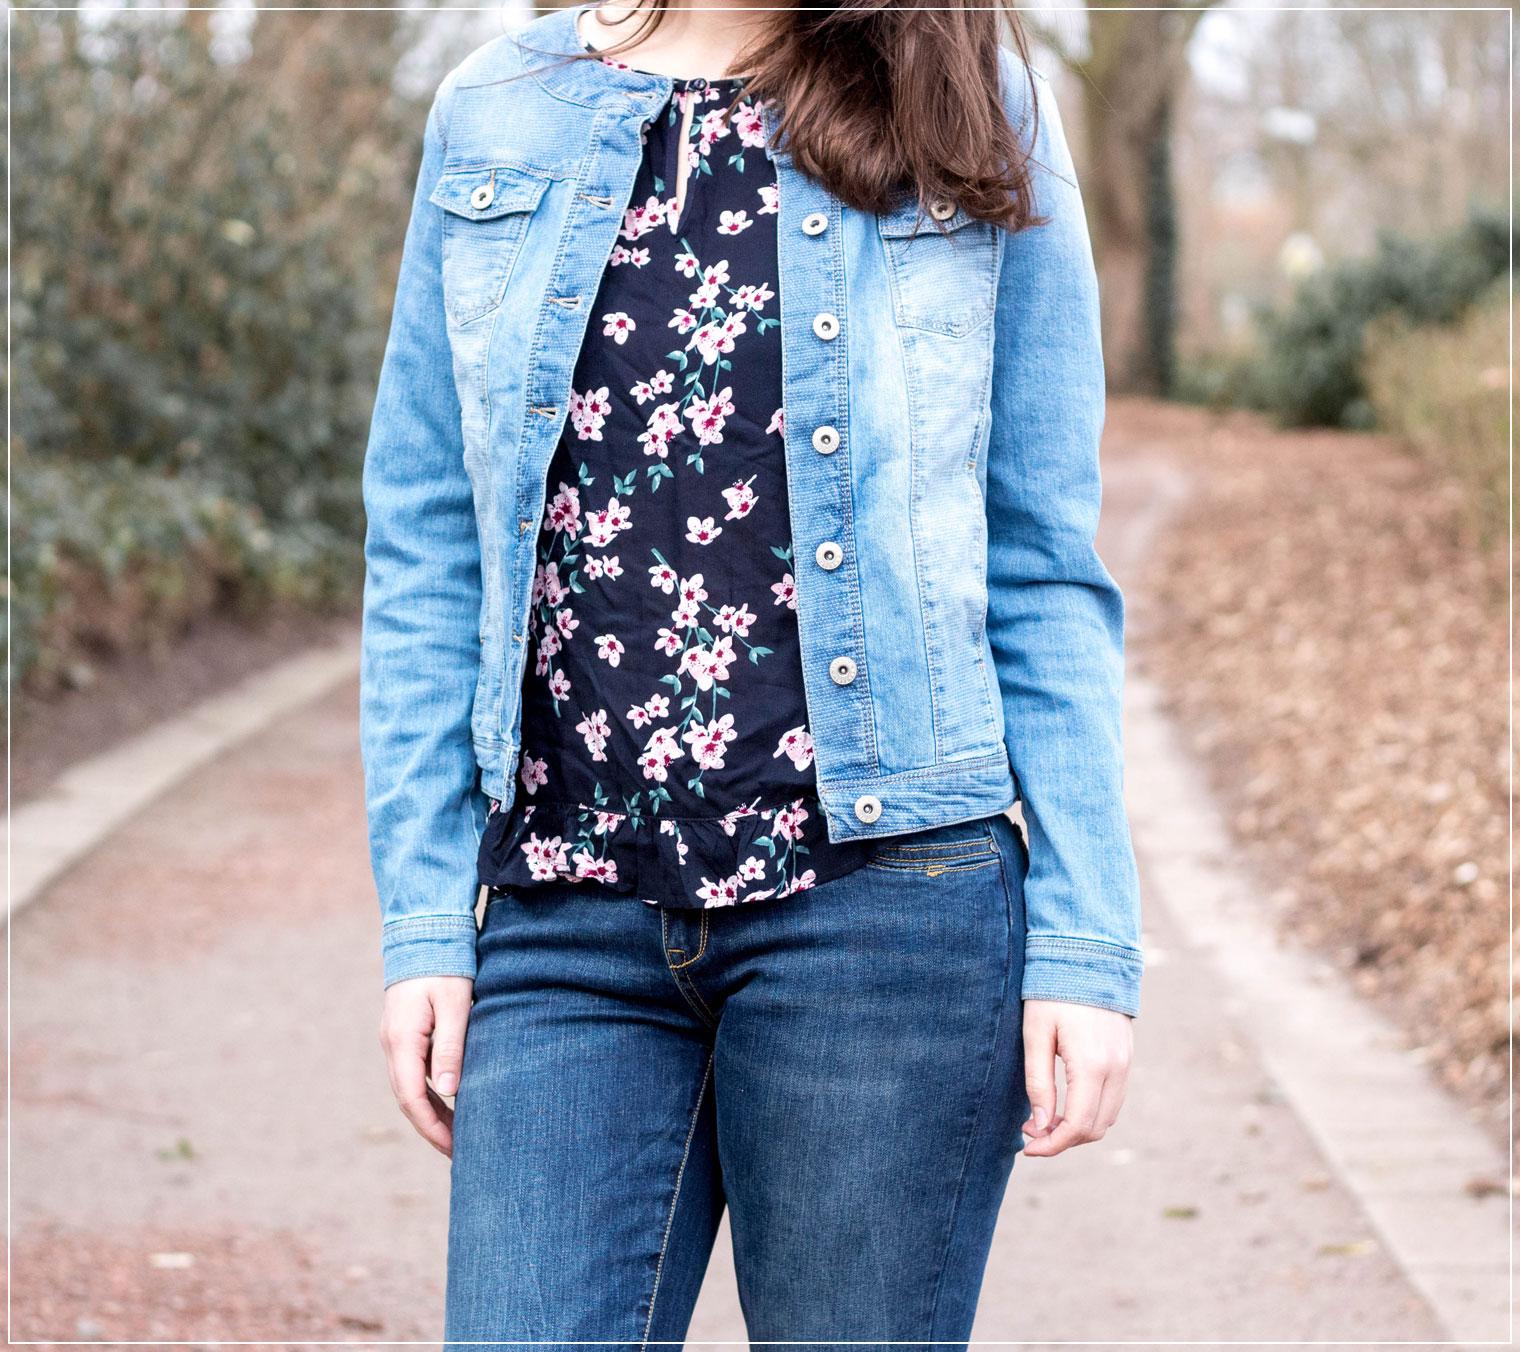 Denimlook, Frühlingsgefühle, Denim, Jeansjacke, Modetrends, Frühlingsstyle, Modebloggerin, Frühlingsoutfit, Fashionbloggerin, Modeblog, Ruhrgebiet